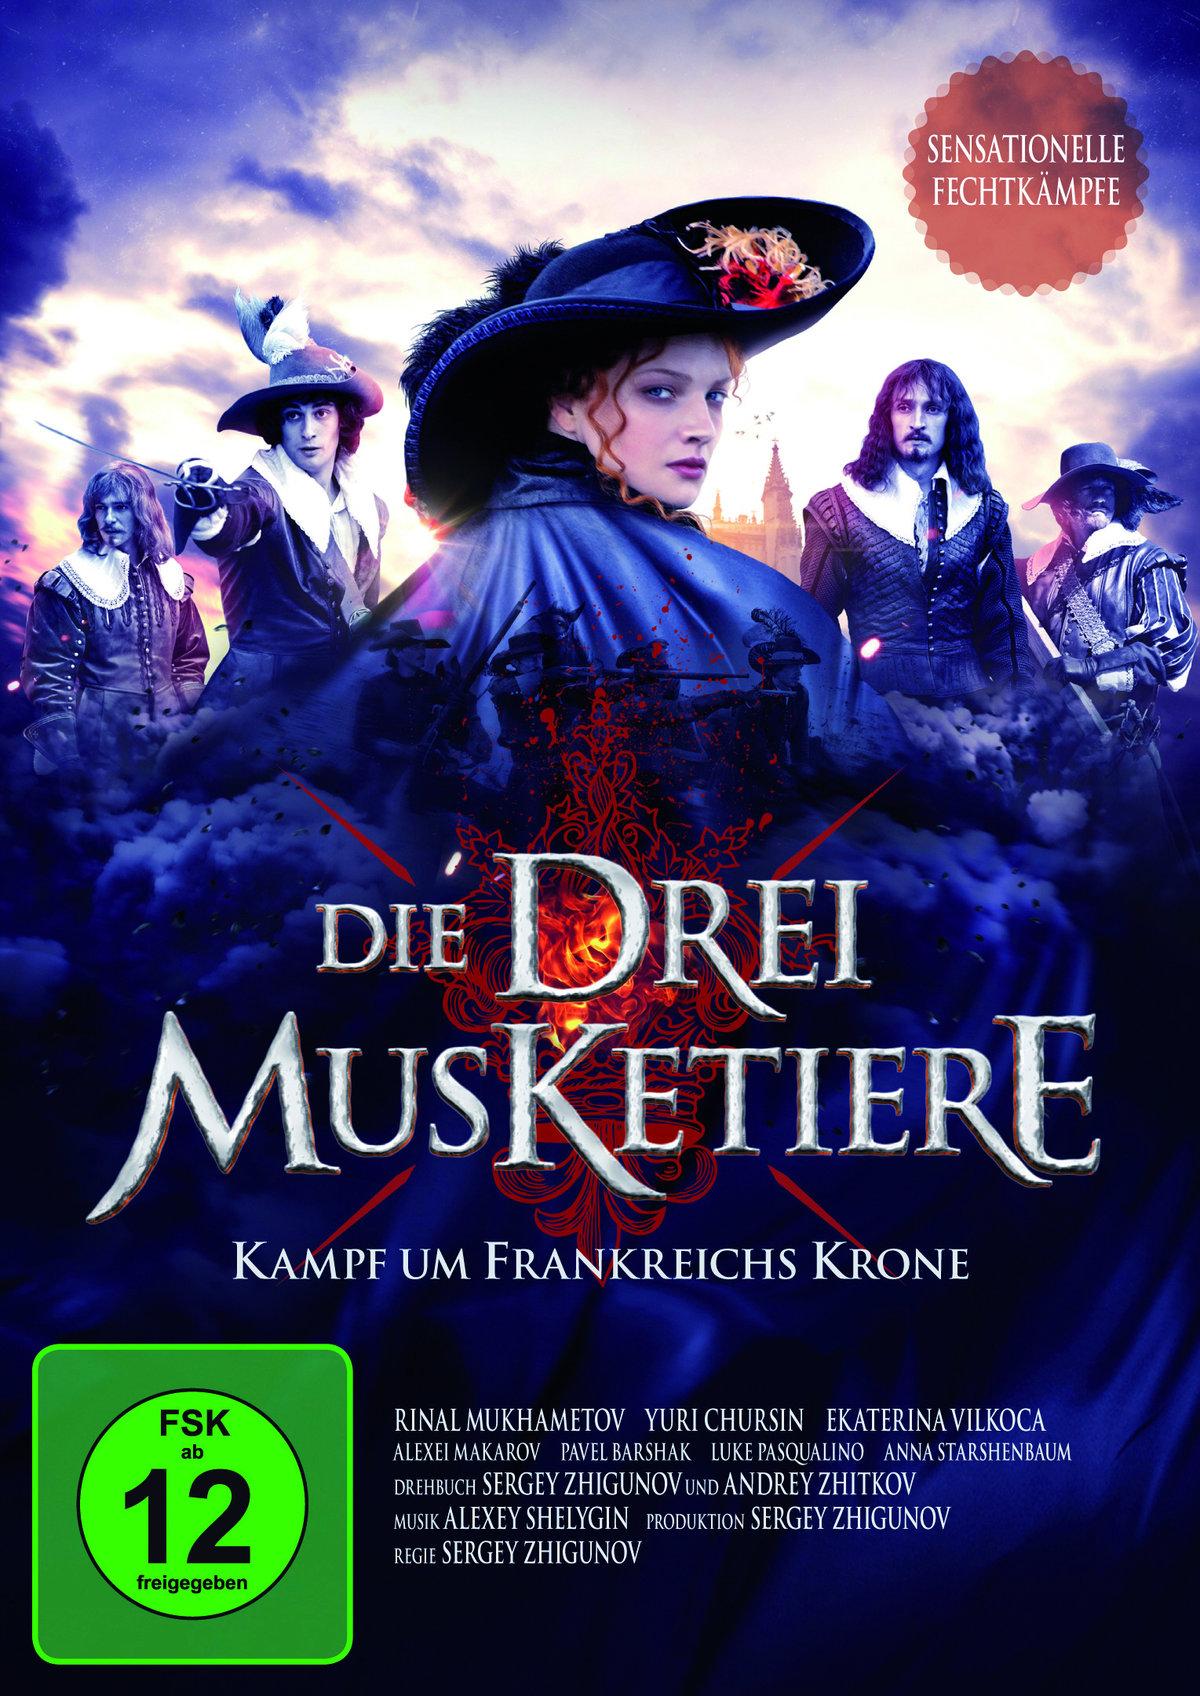 Die drei Musketiere - Kampf um Frankreichs Krone (2013) - Der Film (Cede)